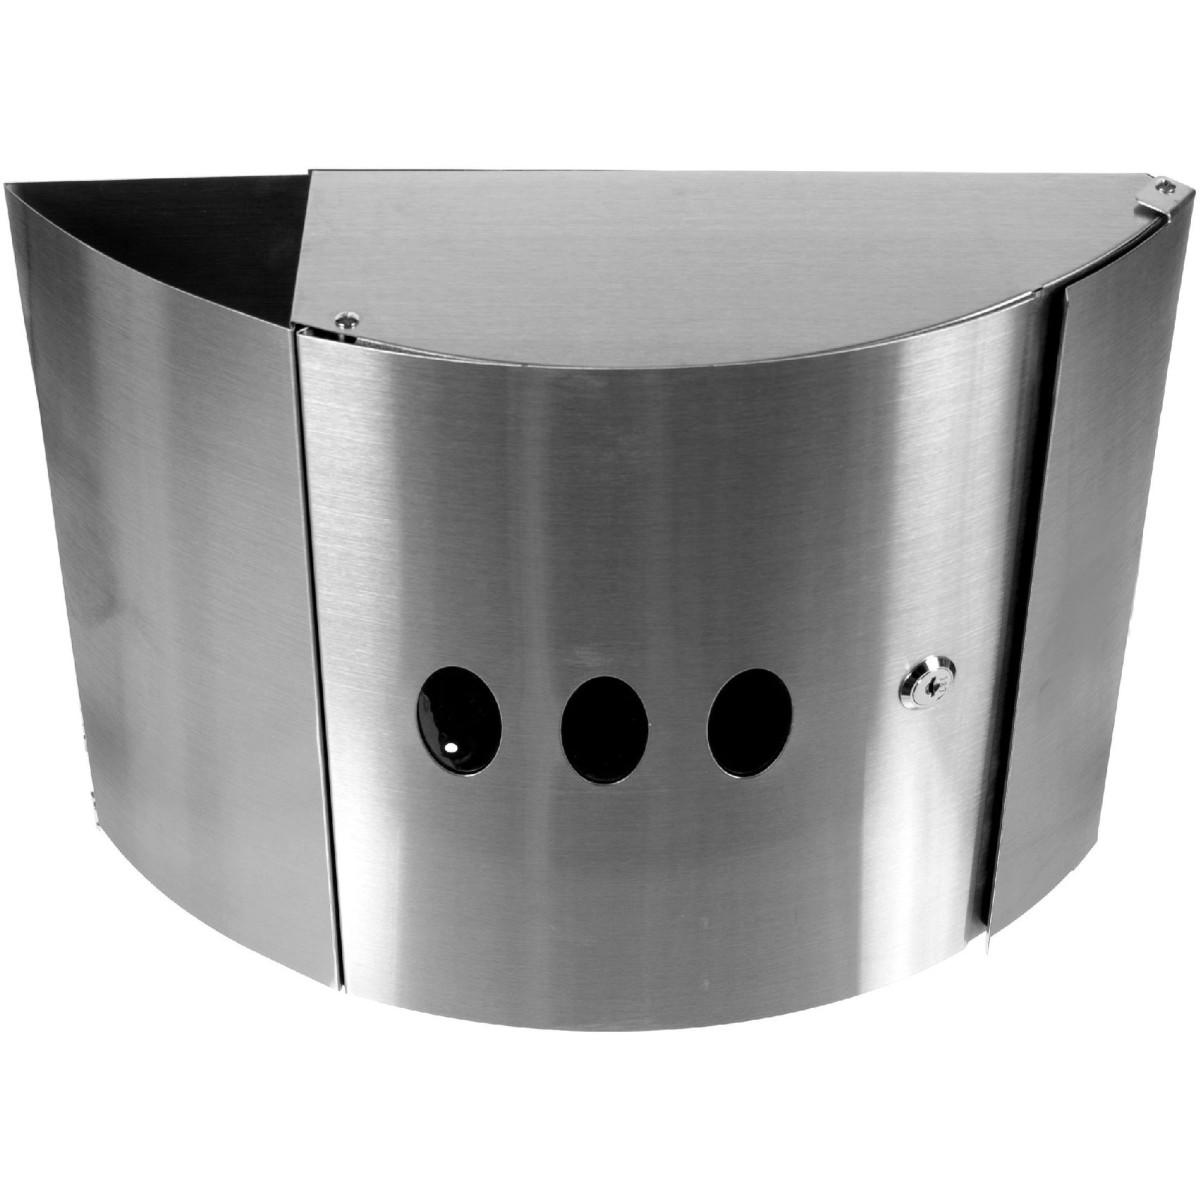 Ящик почтовый Standers HJ-L011 нержавеющая сталь